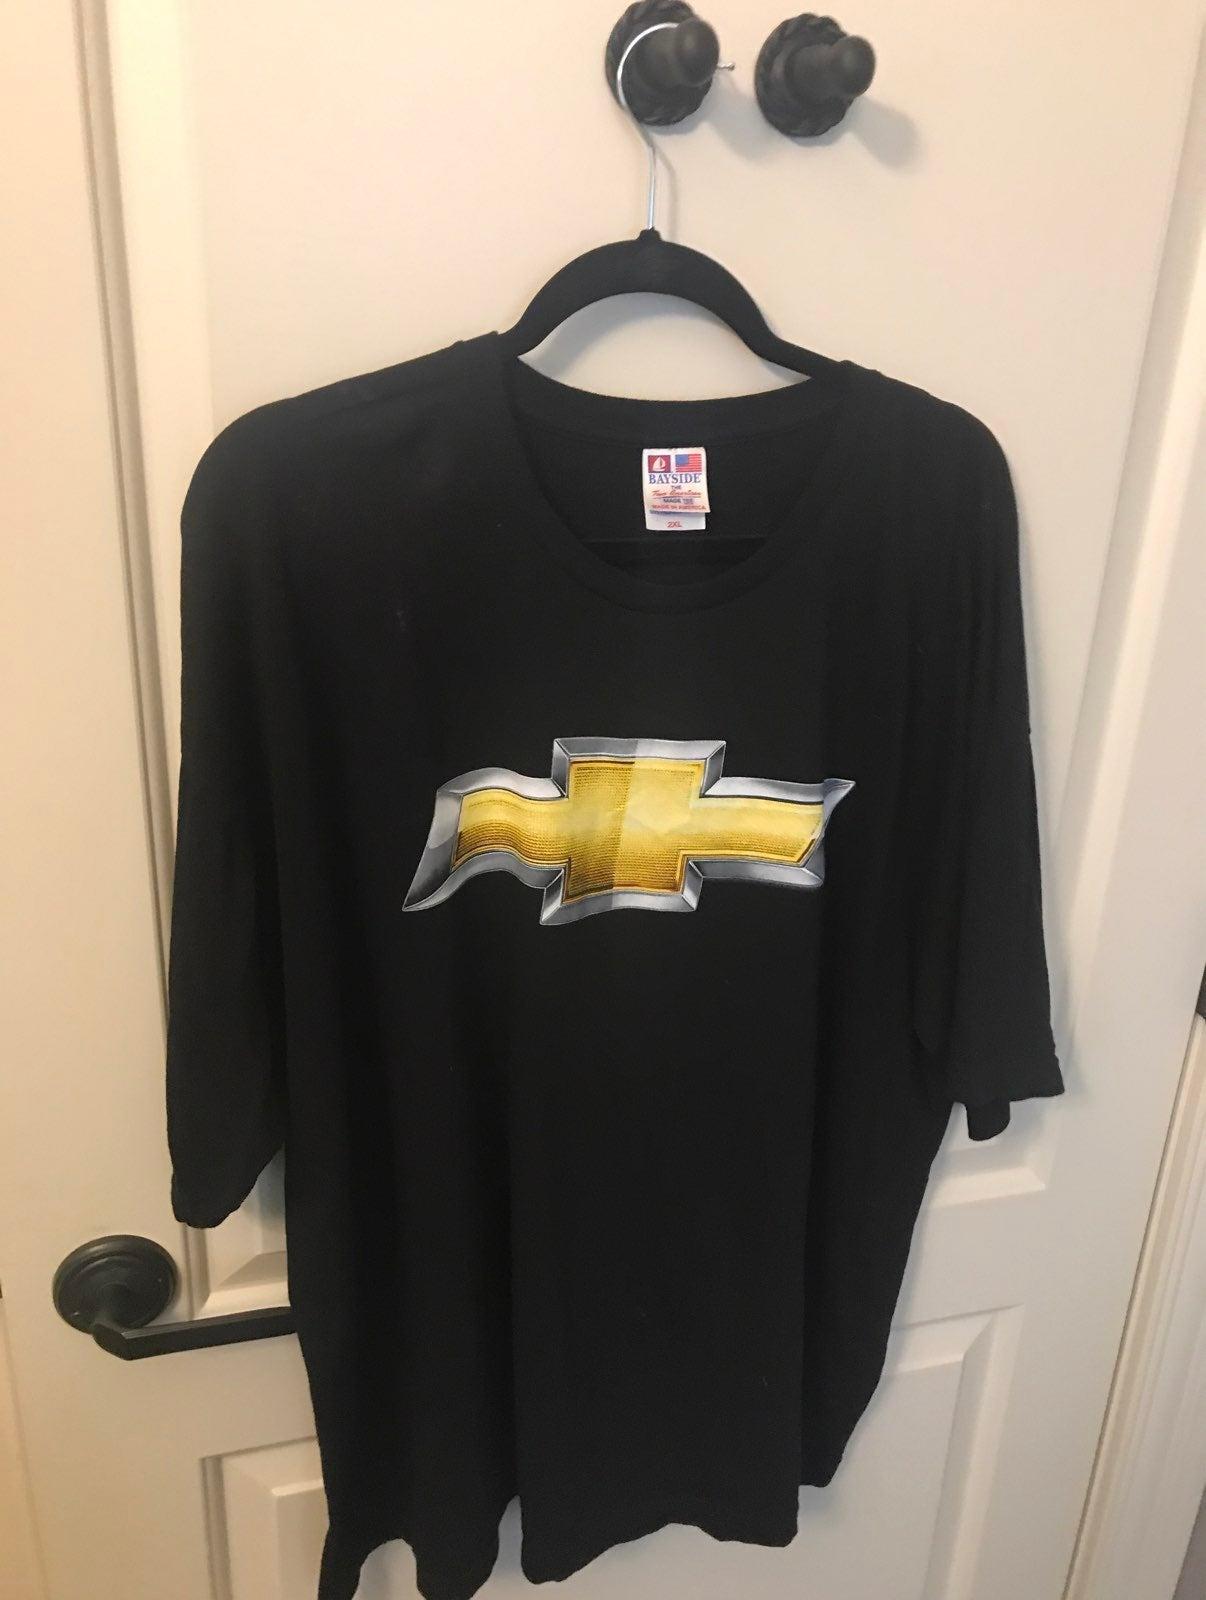 Xxl chevy t shirt